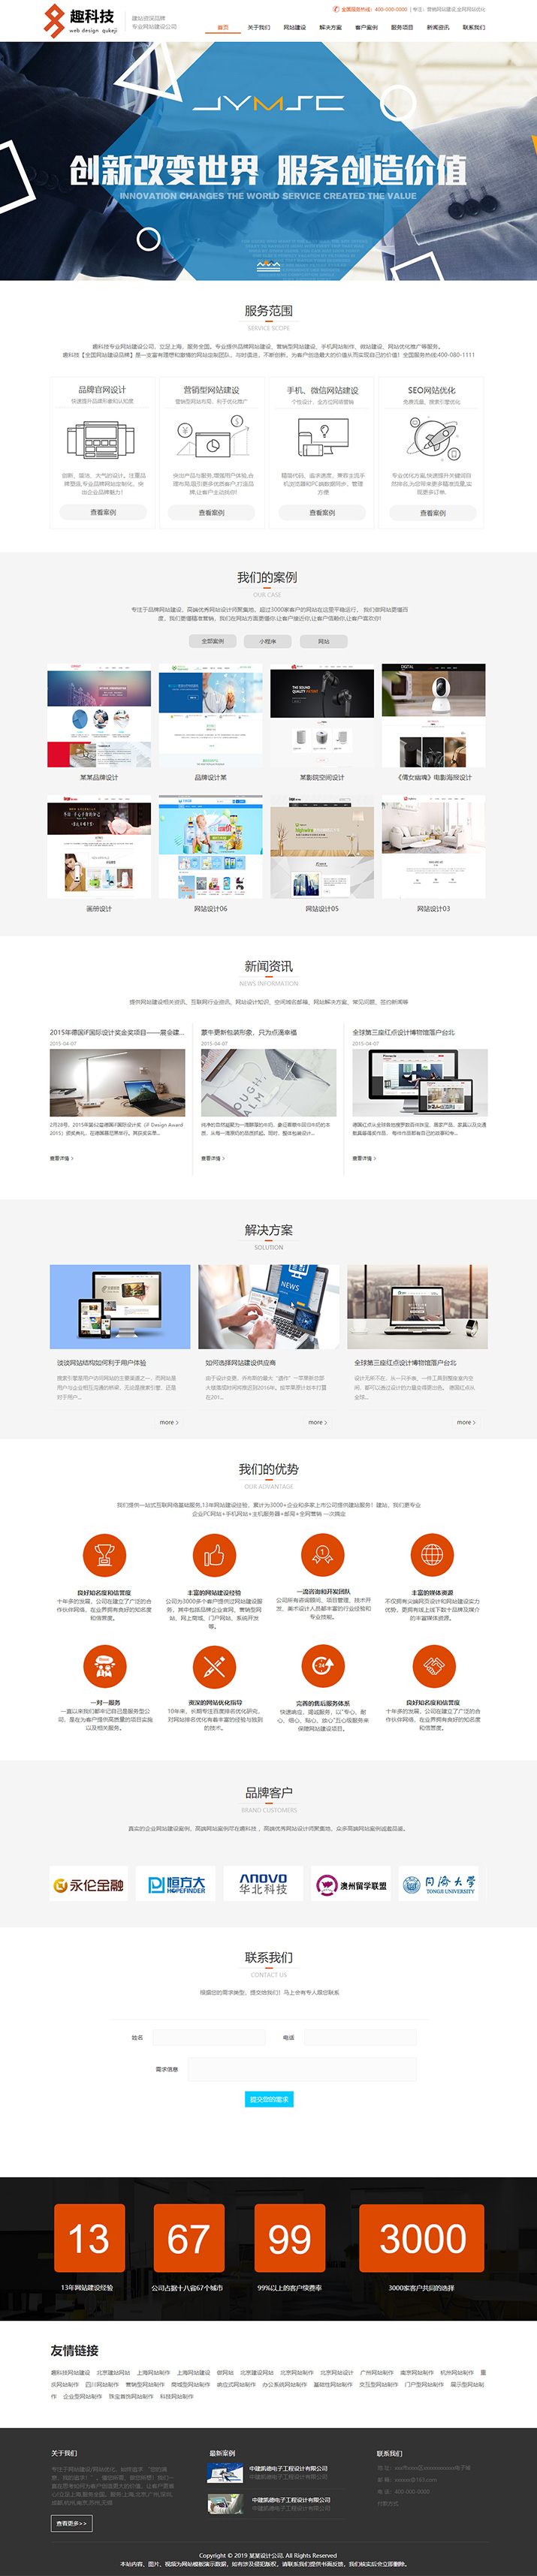 资深品牌专业网站建设公司模板